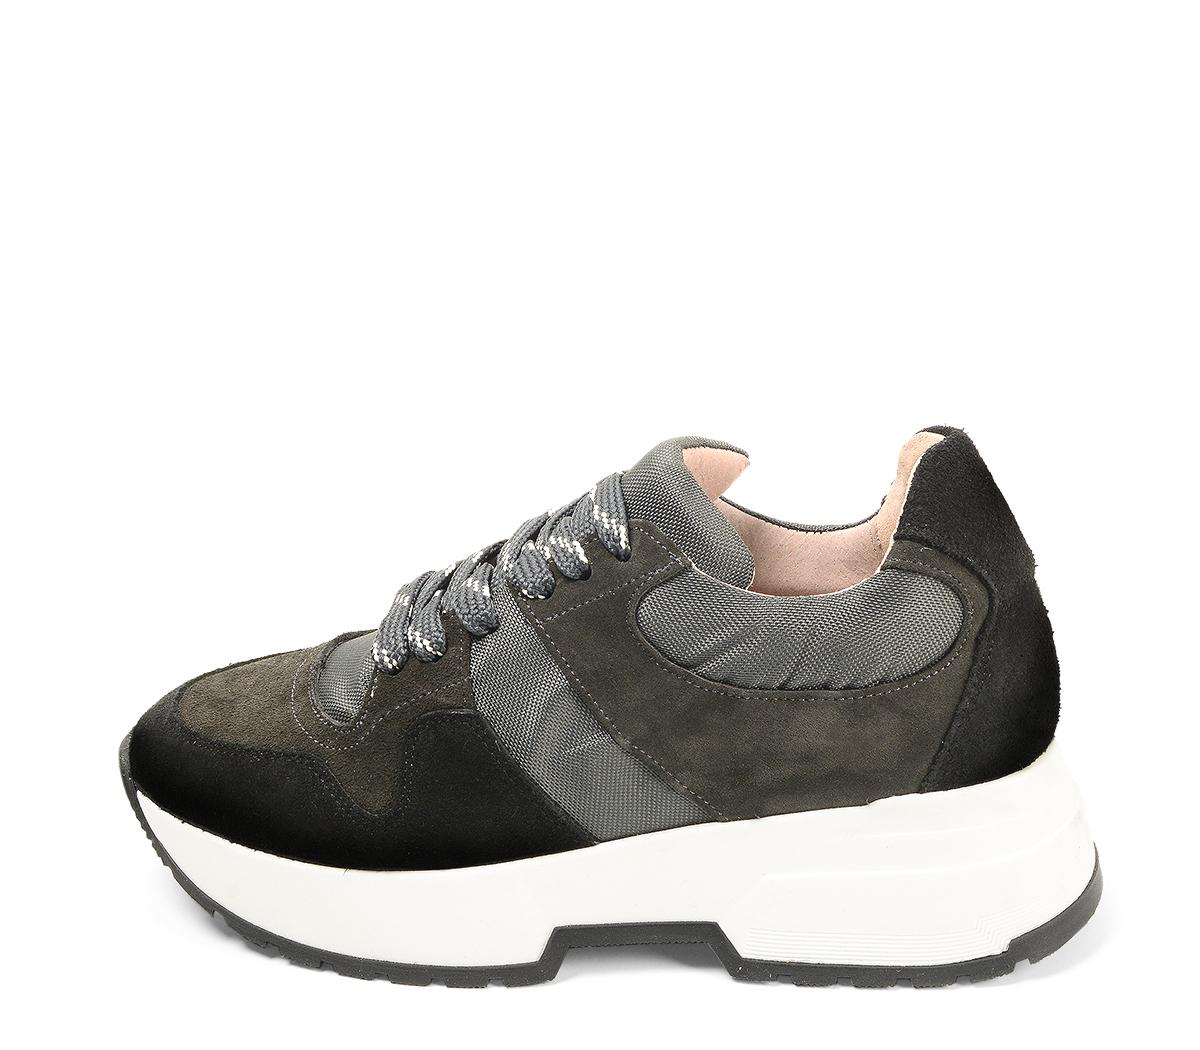 Ref. 4638 Sneaker serraje negro combinada con tela gris. Cordones grises jaspeados. Suela blanca. Altura plataforma trasera 4.5 cm y delantera 3 cm.